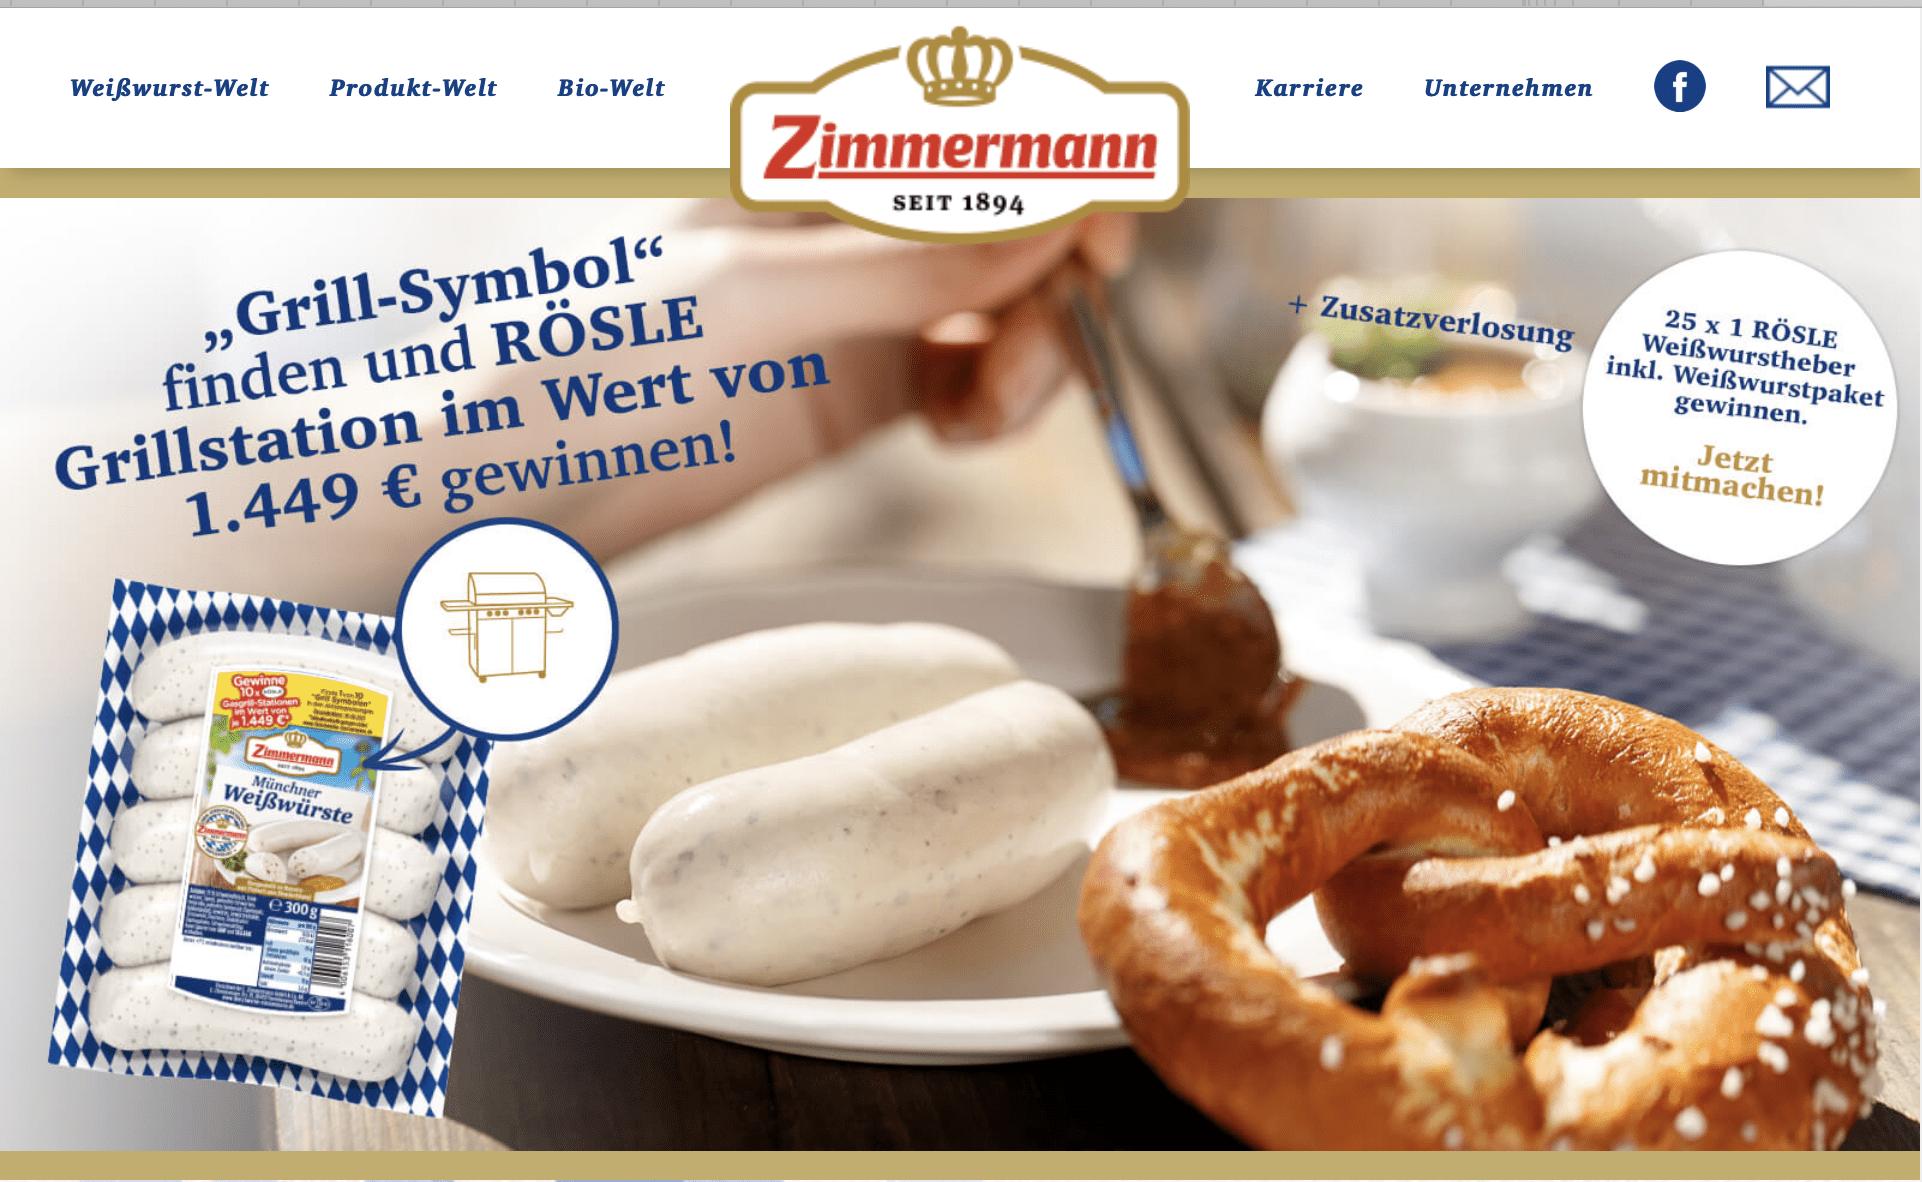 Gewinnspiel-Cases FMCG Food Zimmermann